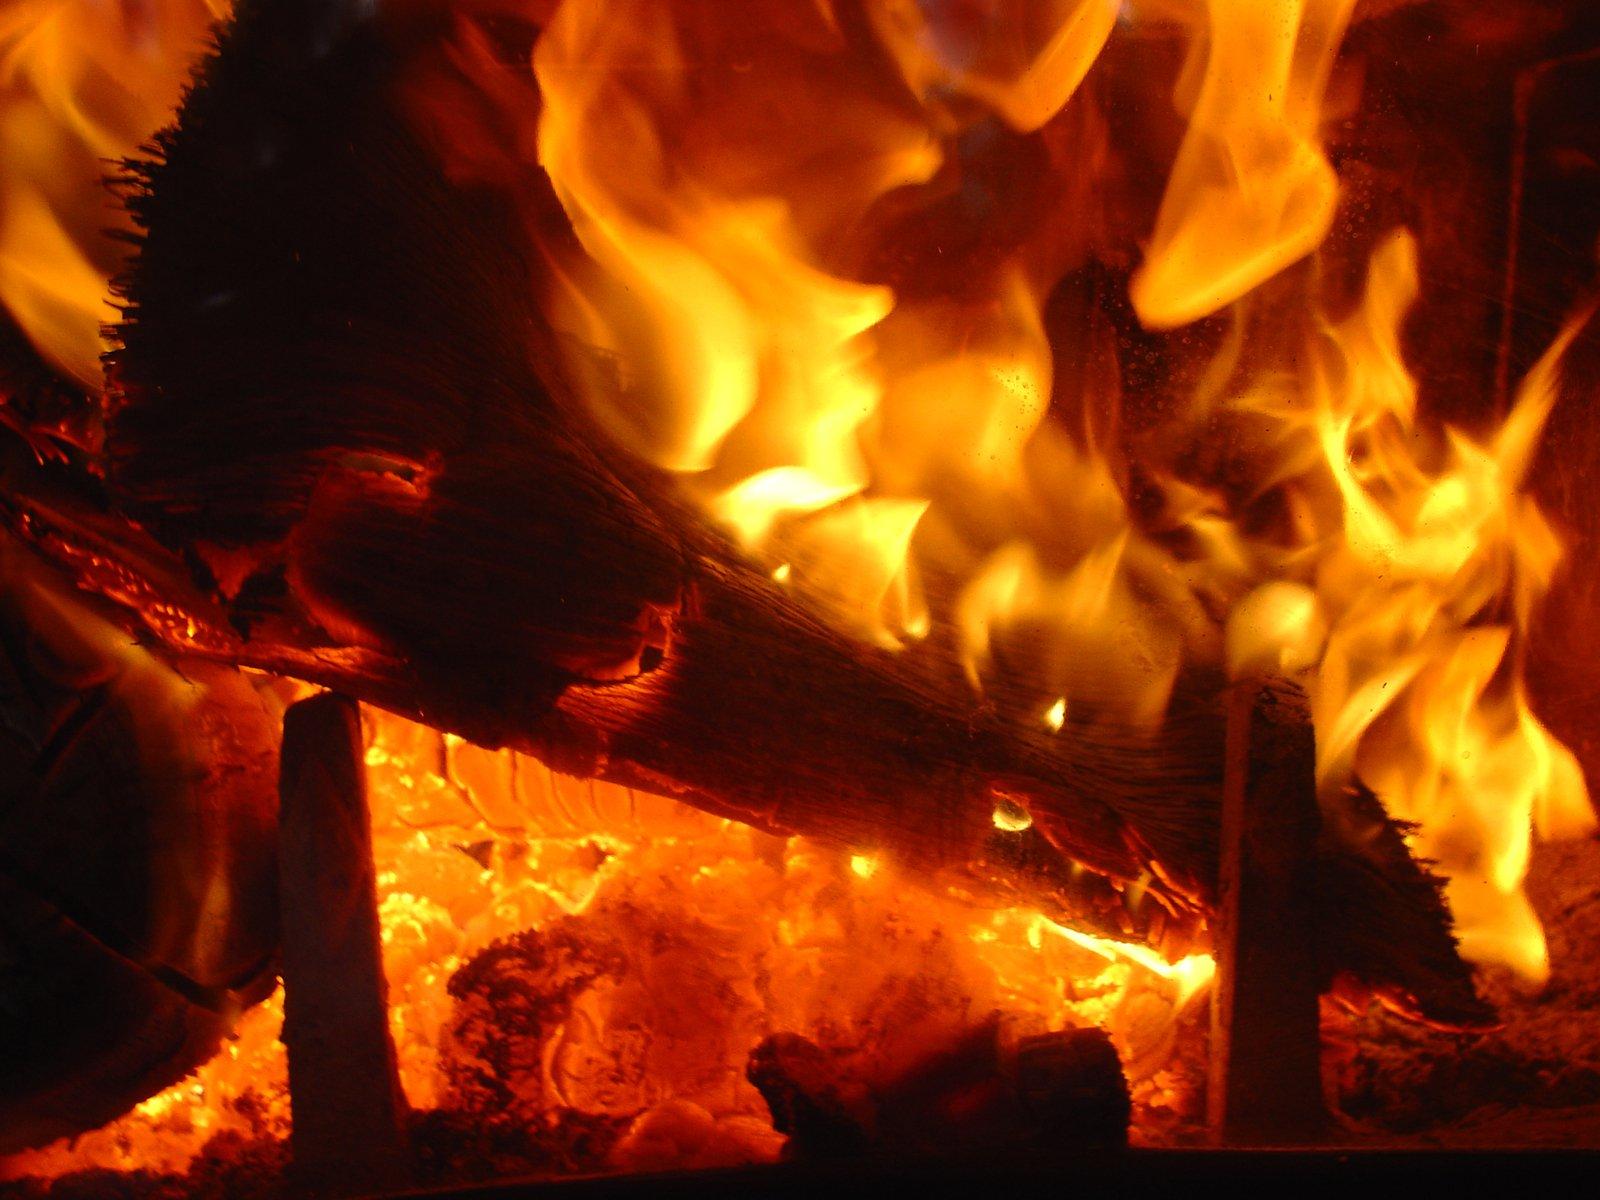 ВУфе загорелась многоэтажка: эвакуировали 12 человек